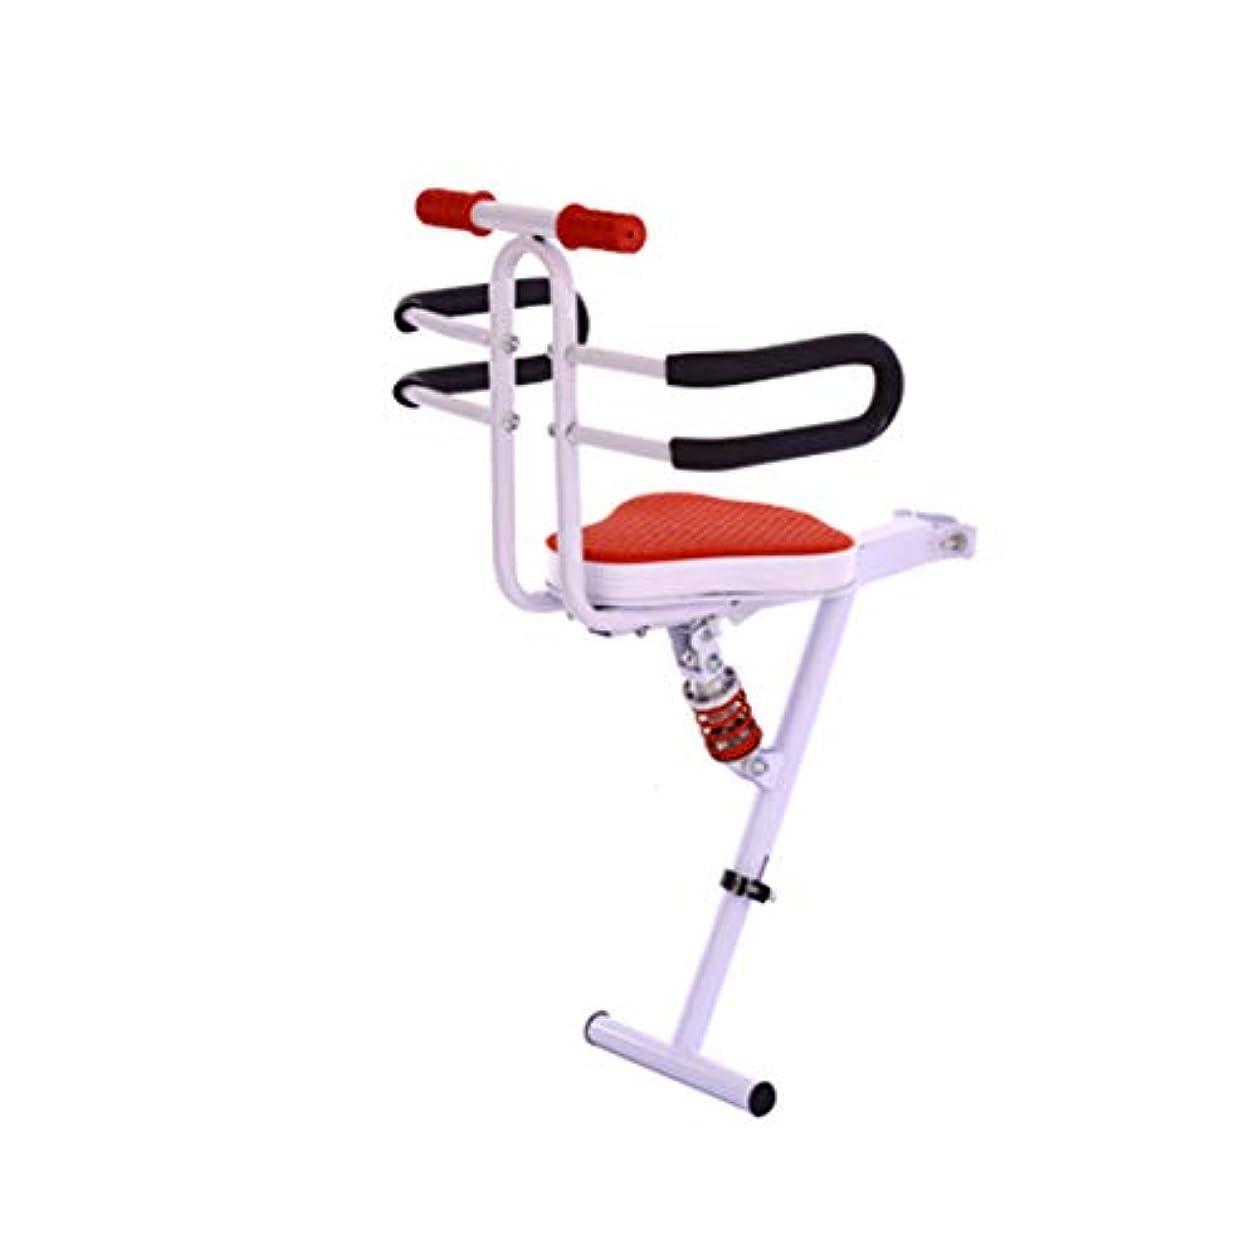 事実上魂欠伸子供用自転車用シート、チャイルドクイックリリースシート自転車用フロントアームマウント付き降車シート